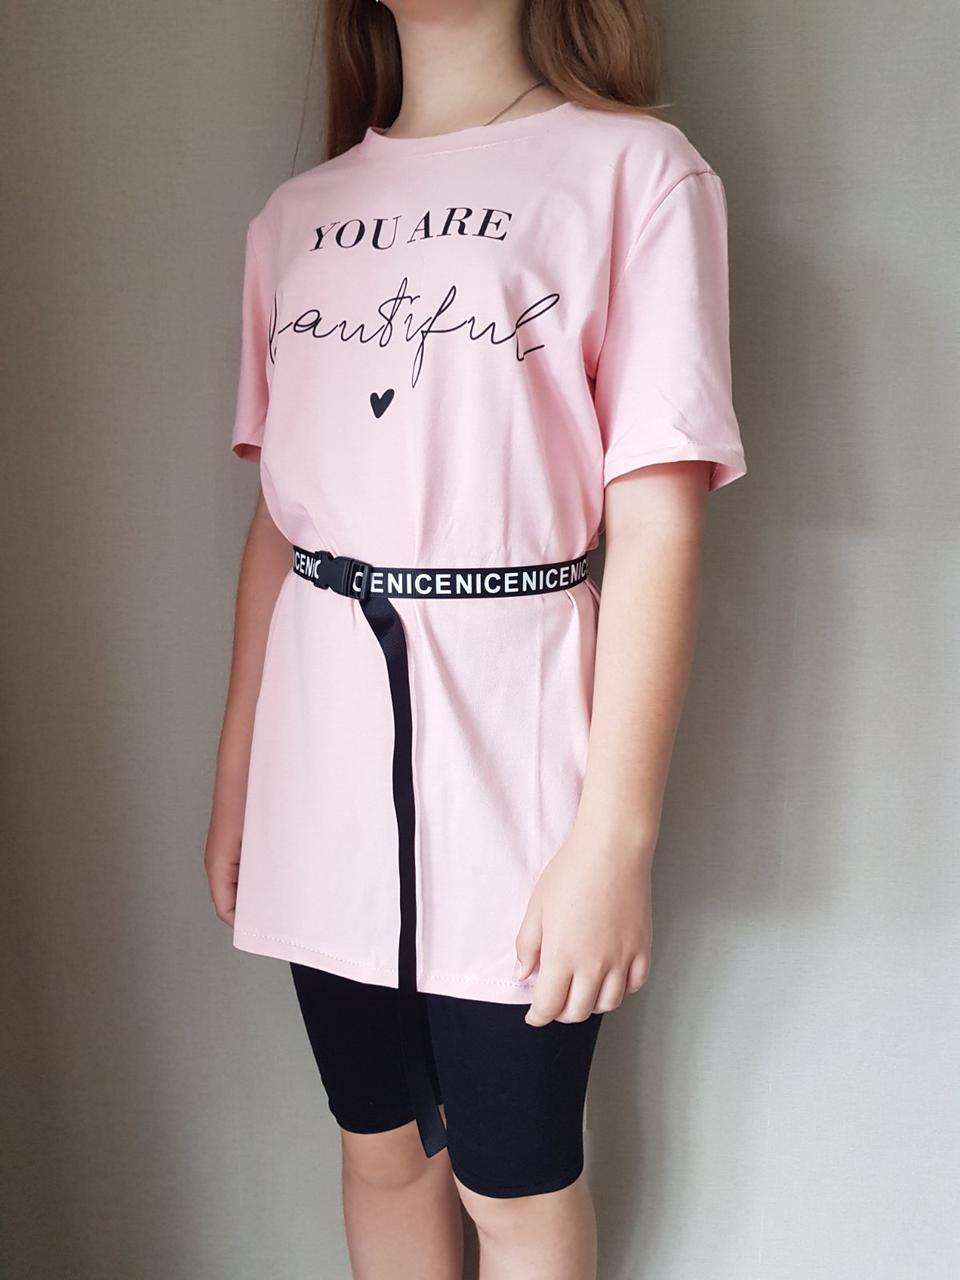 {есть:140} Комплект для девочек, Артикул: ALL251-розовый [140]